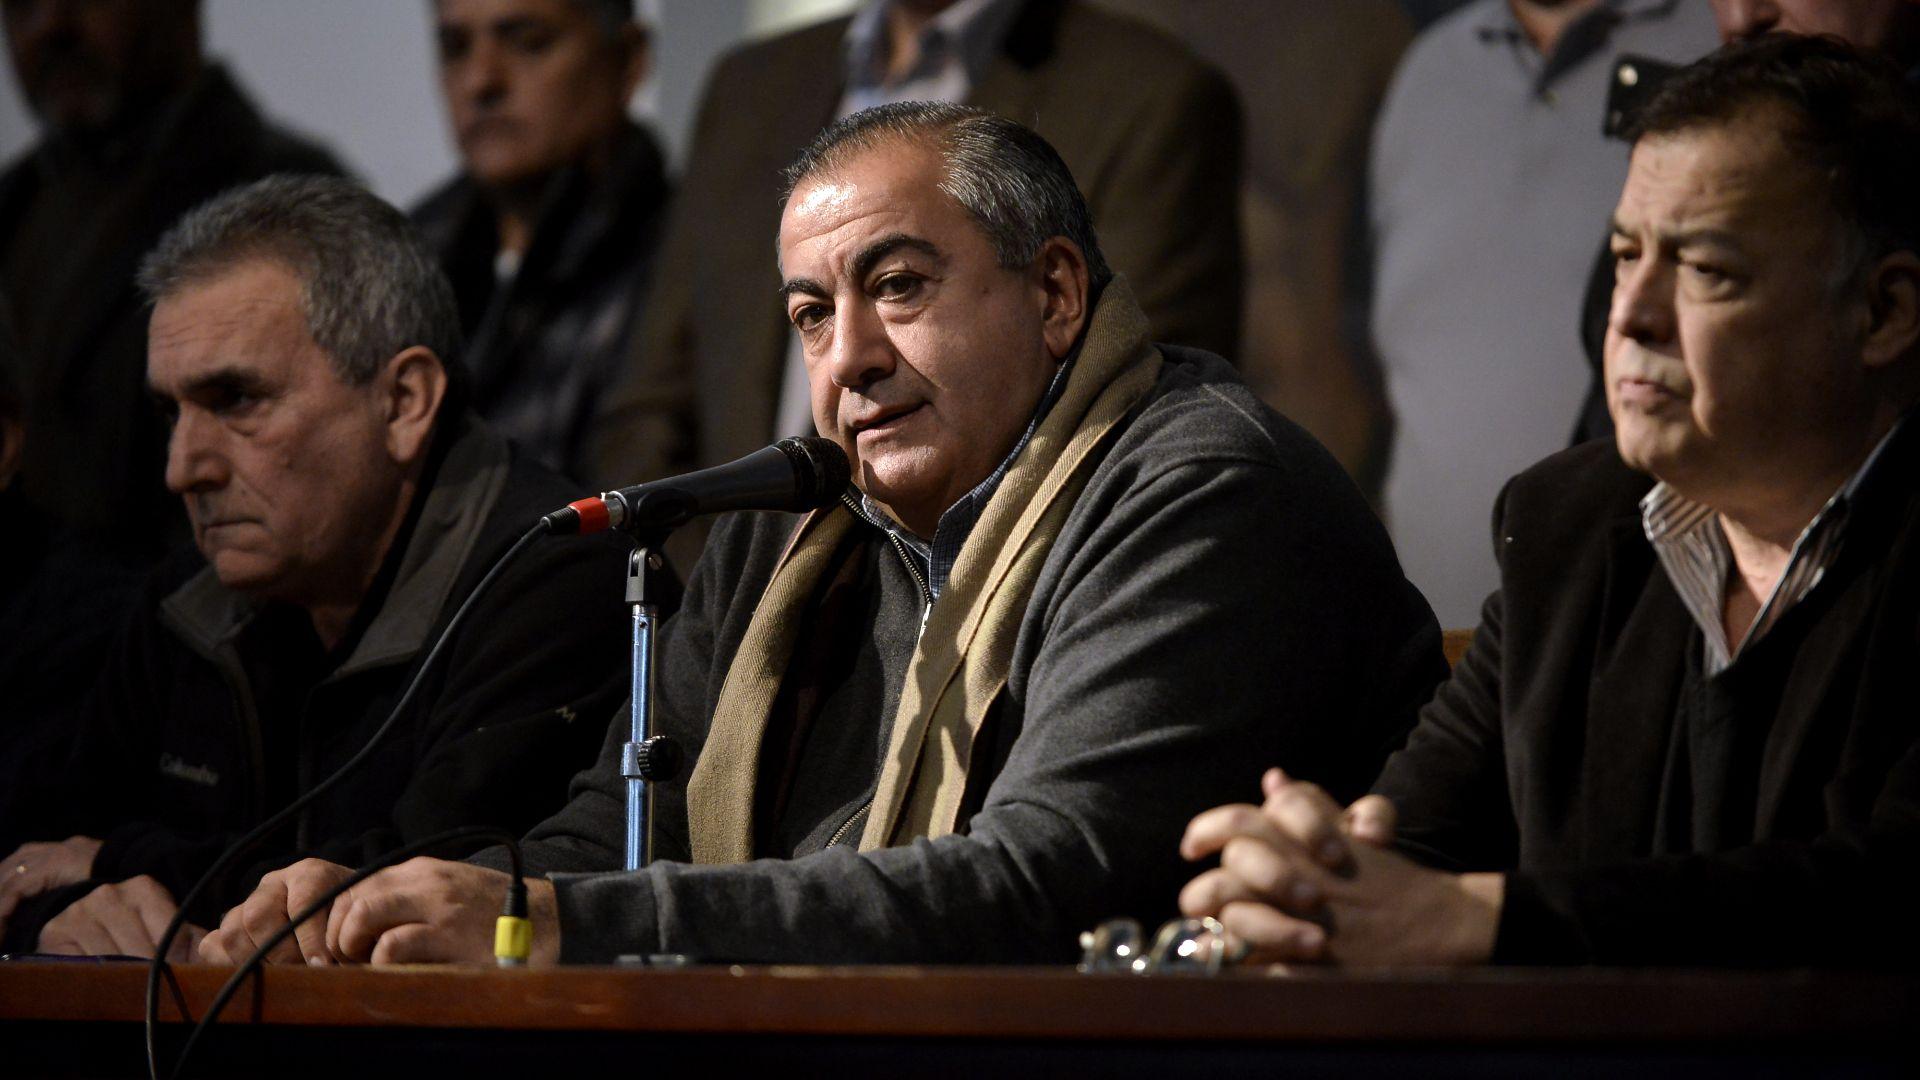 El secretario General de la CGT, Héctor Daer, participó del encuentro con el ministro de Economía Martín Guzmán. (Gustavo Gavotti)